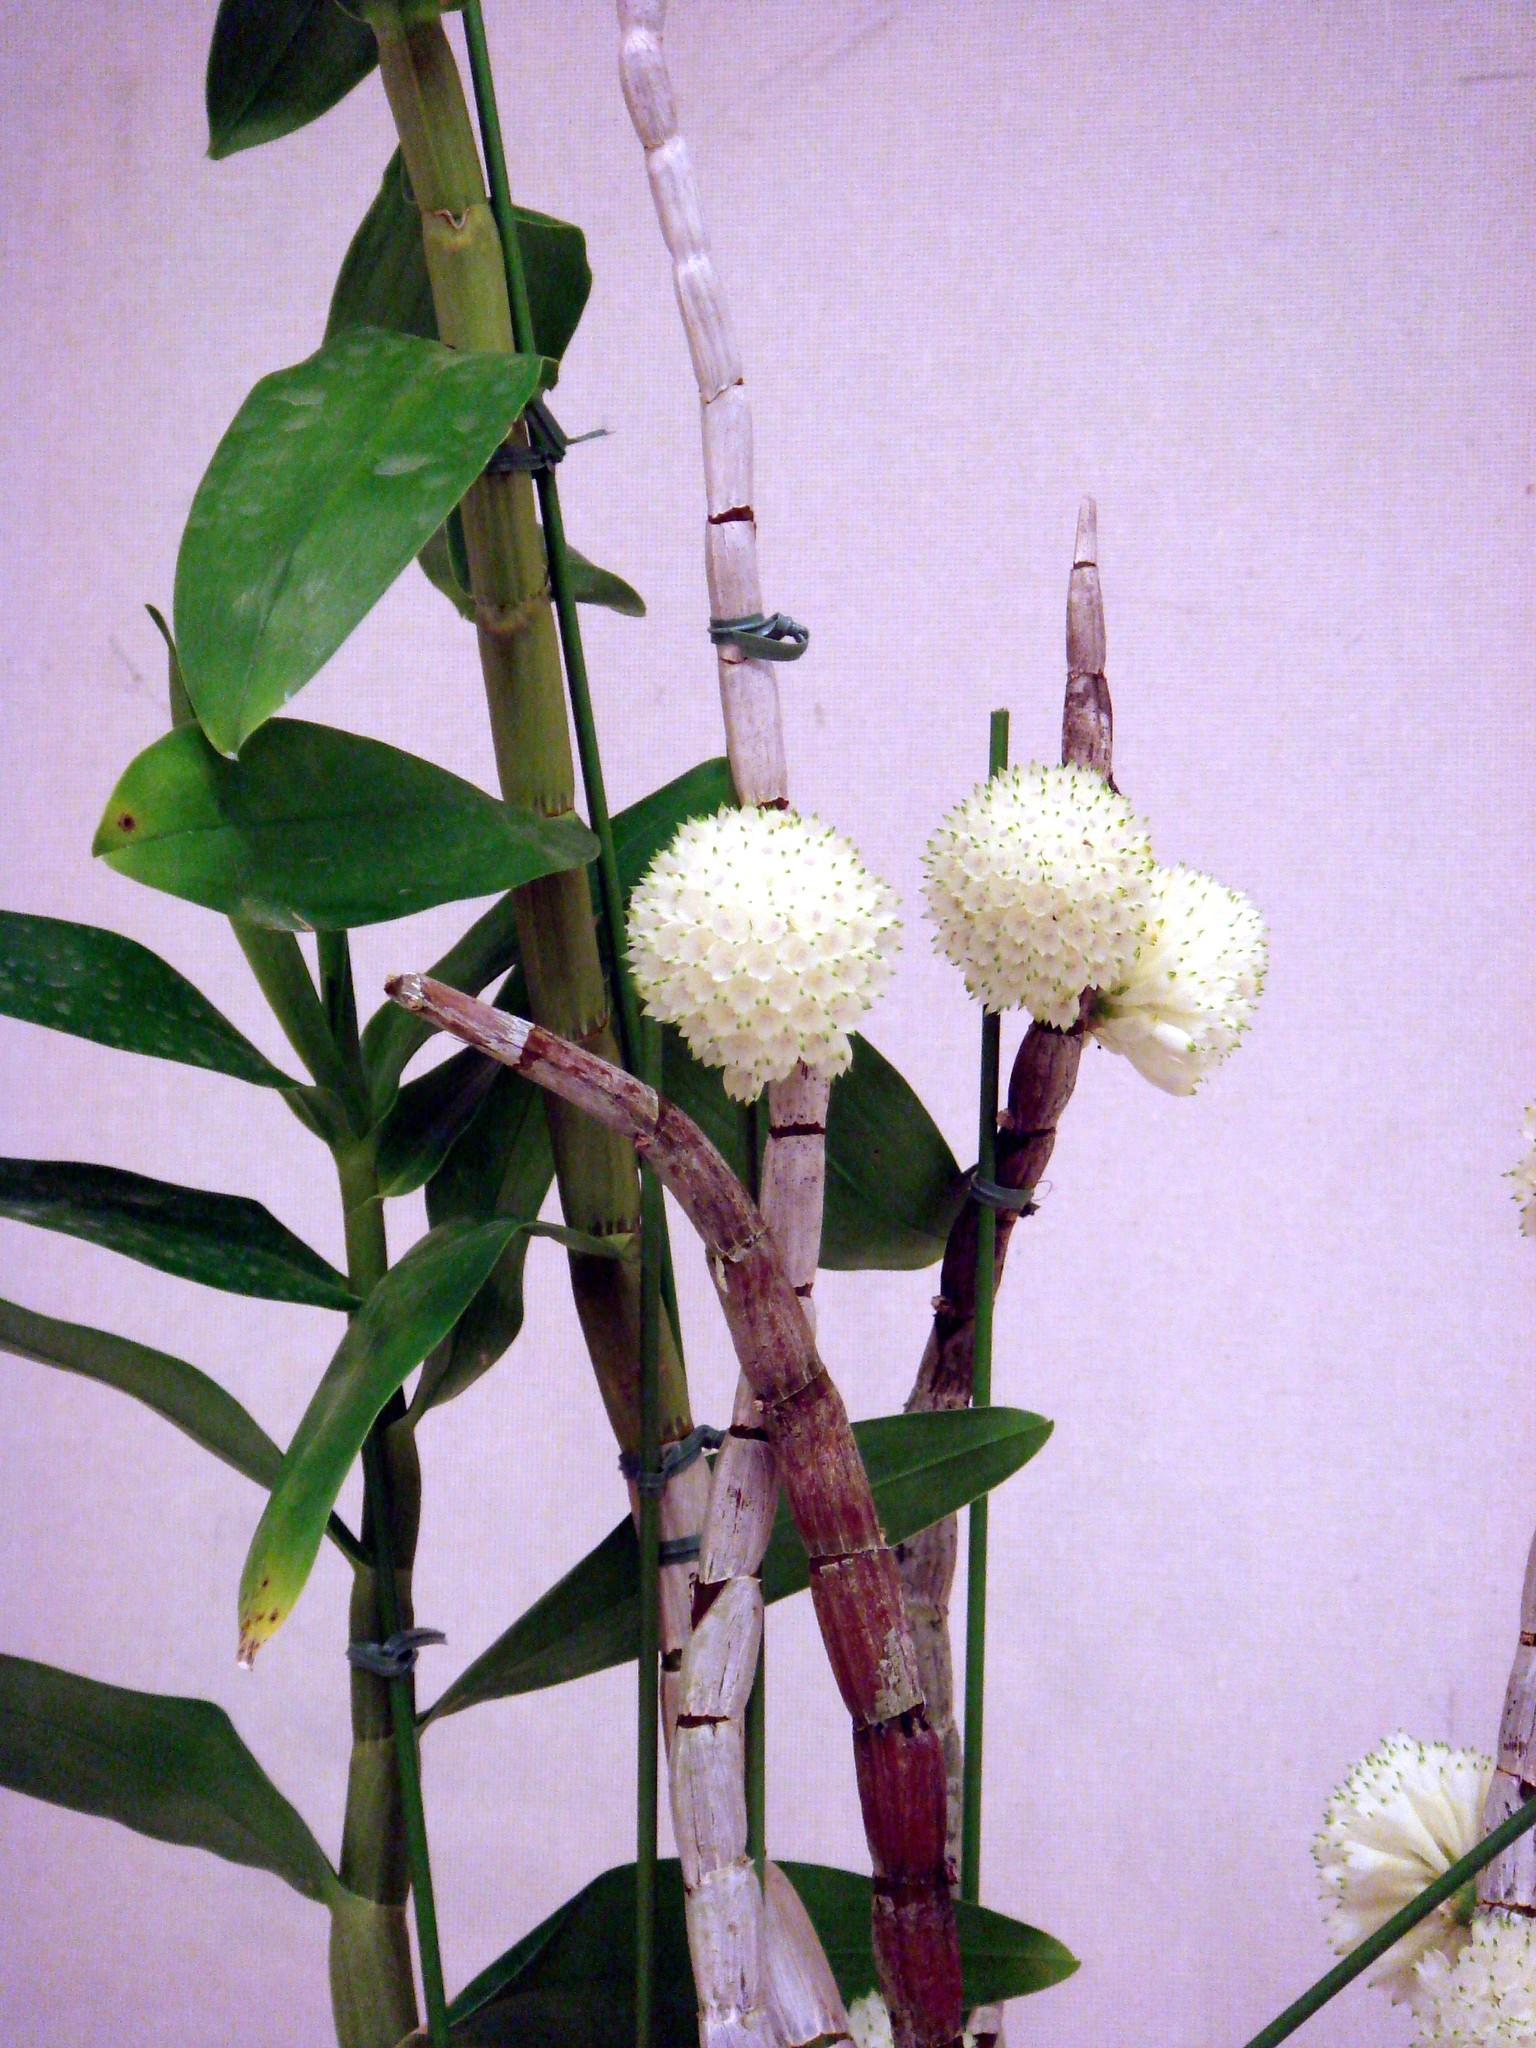 http://orchids.la.coocan.jp/Dendrobium/Dendrobium%20purpureum%20album/DSC00180.JPG